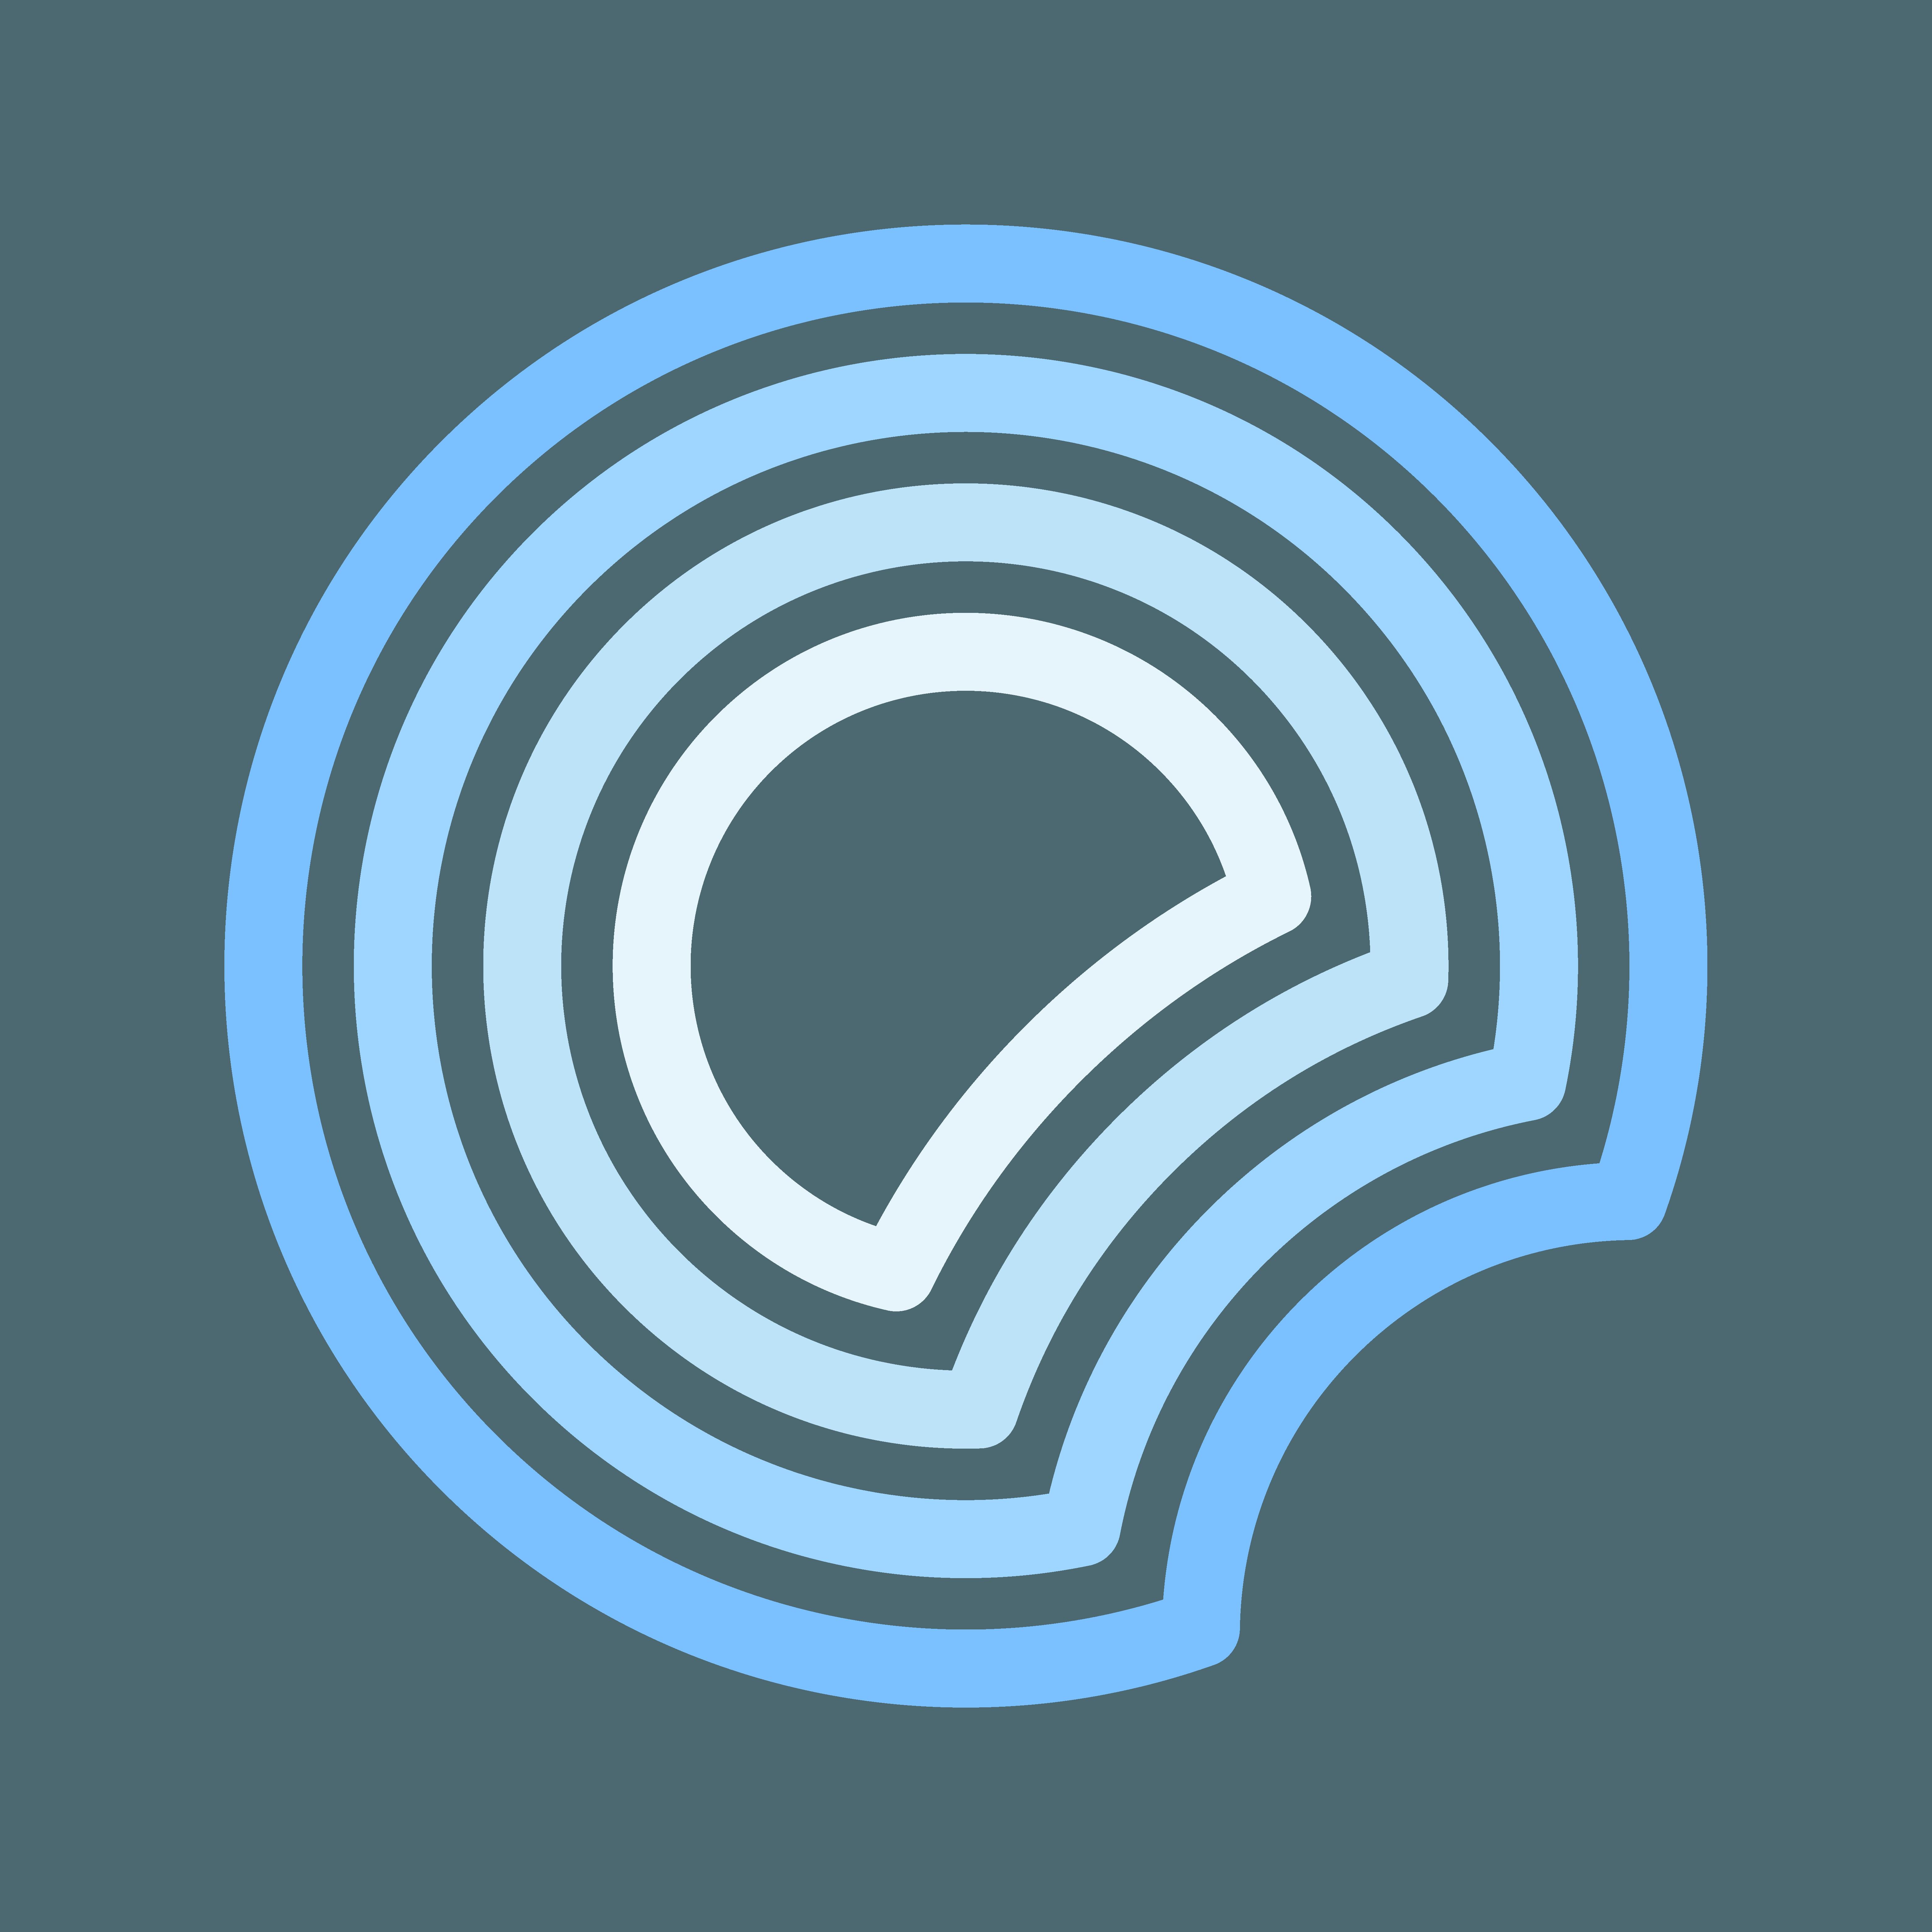 Bonafi ico review & rating